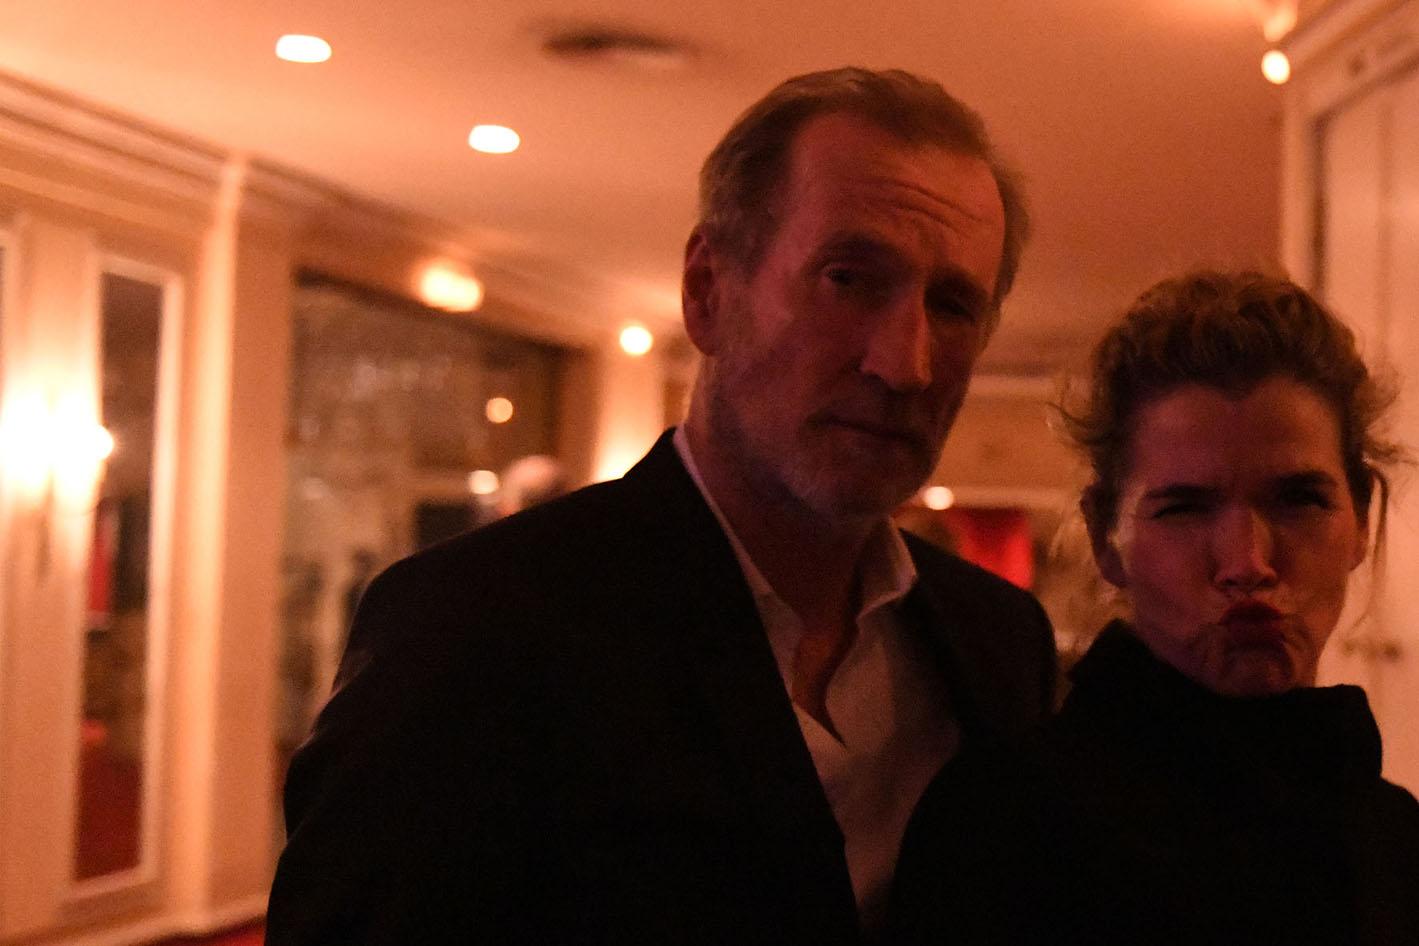 Peter Lohmeyer & Anke Engelke